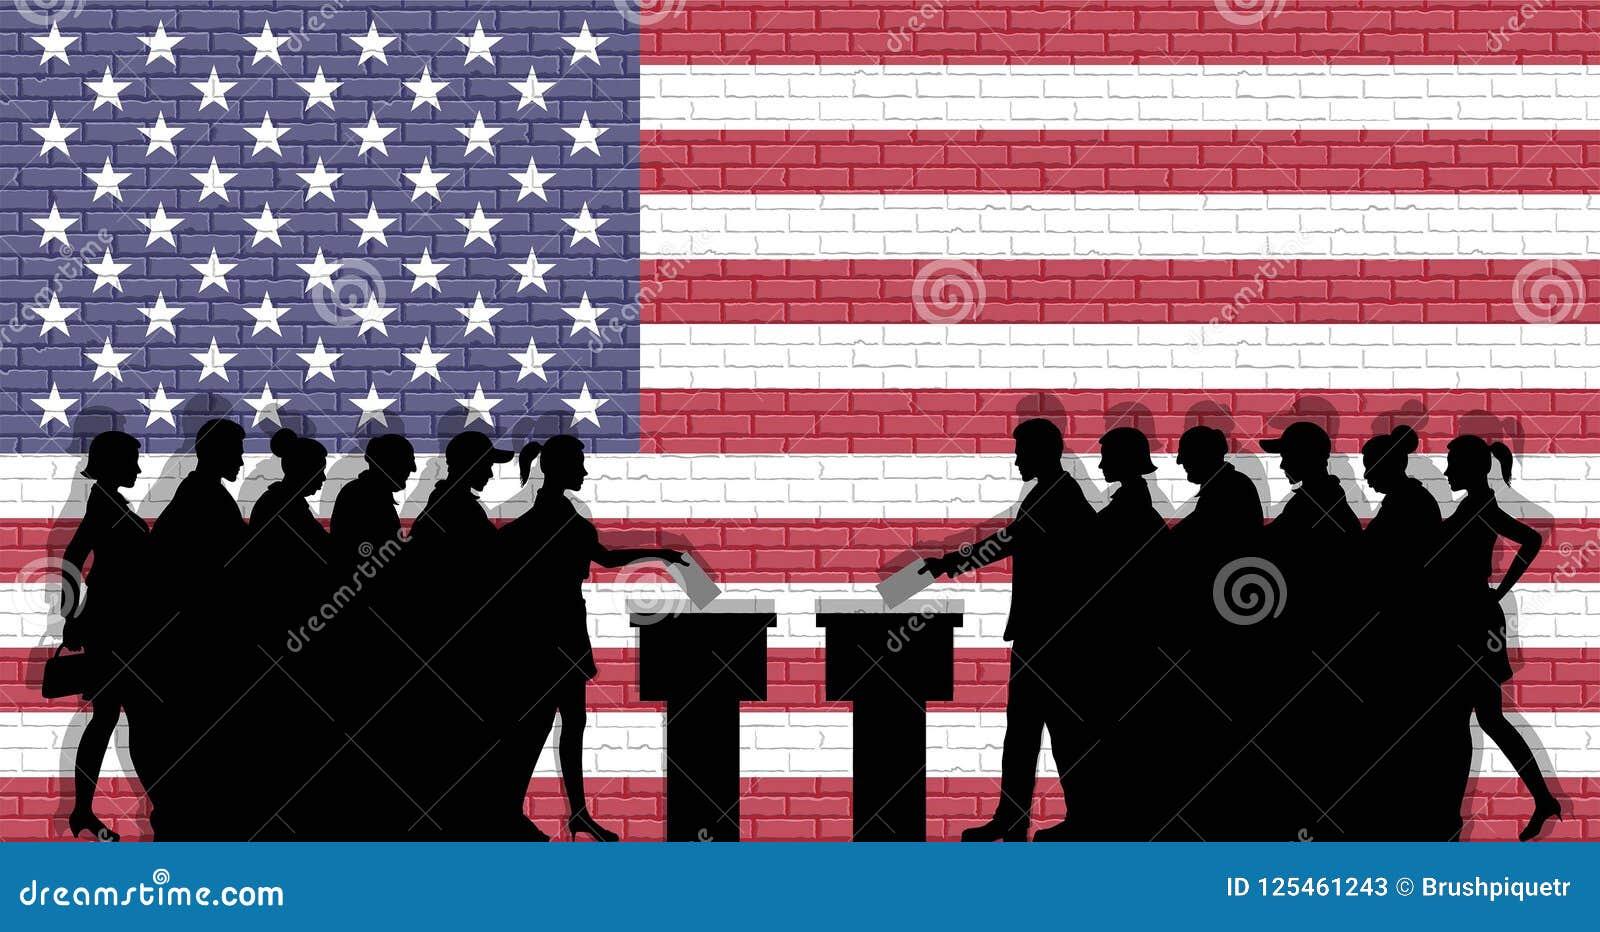 Los votantes americanos aprietan la silueta en la elección con el graff de la bandera de los E.E.U.U.